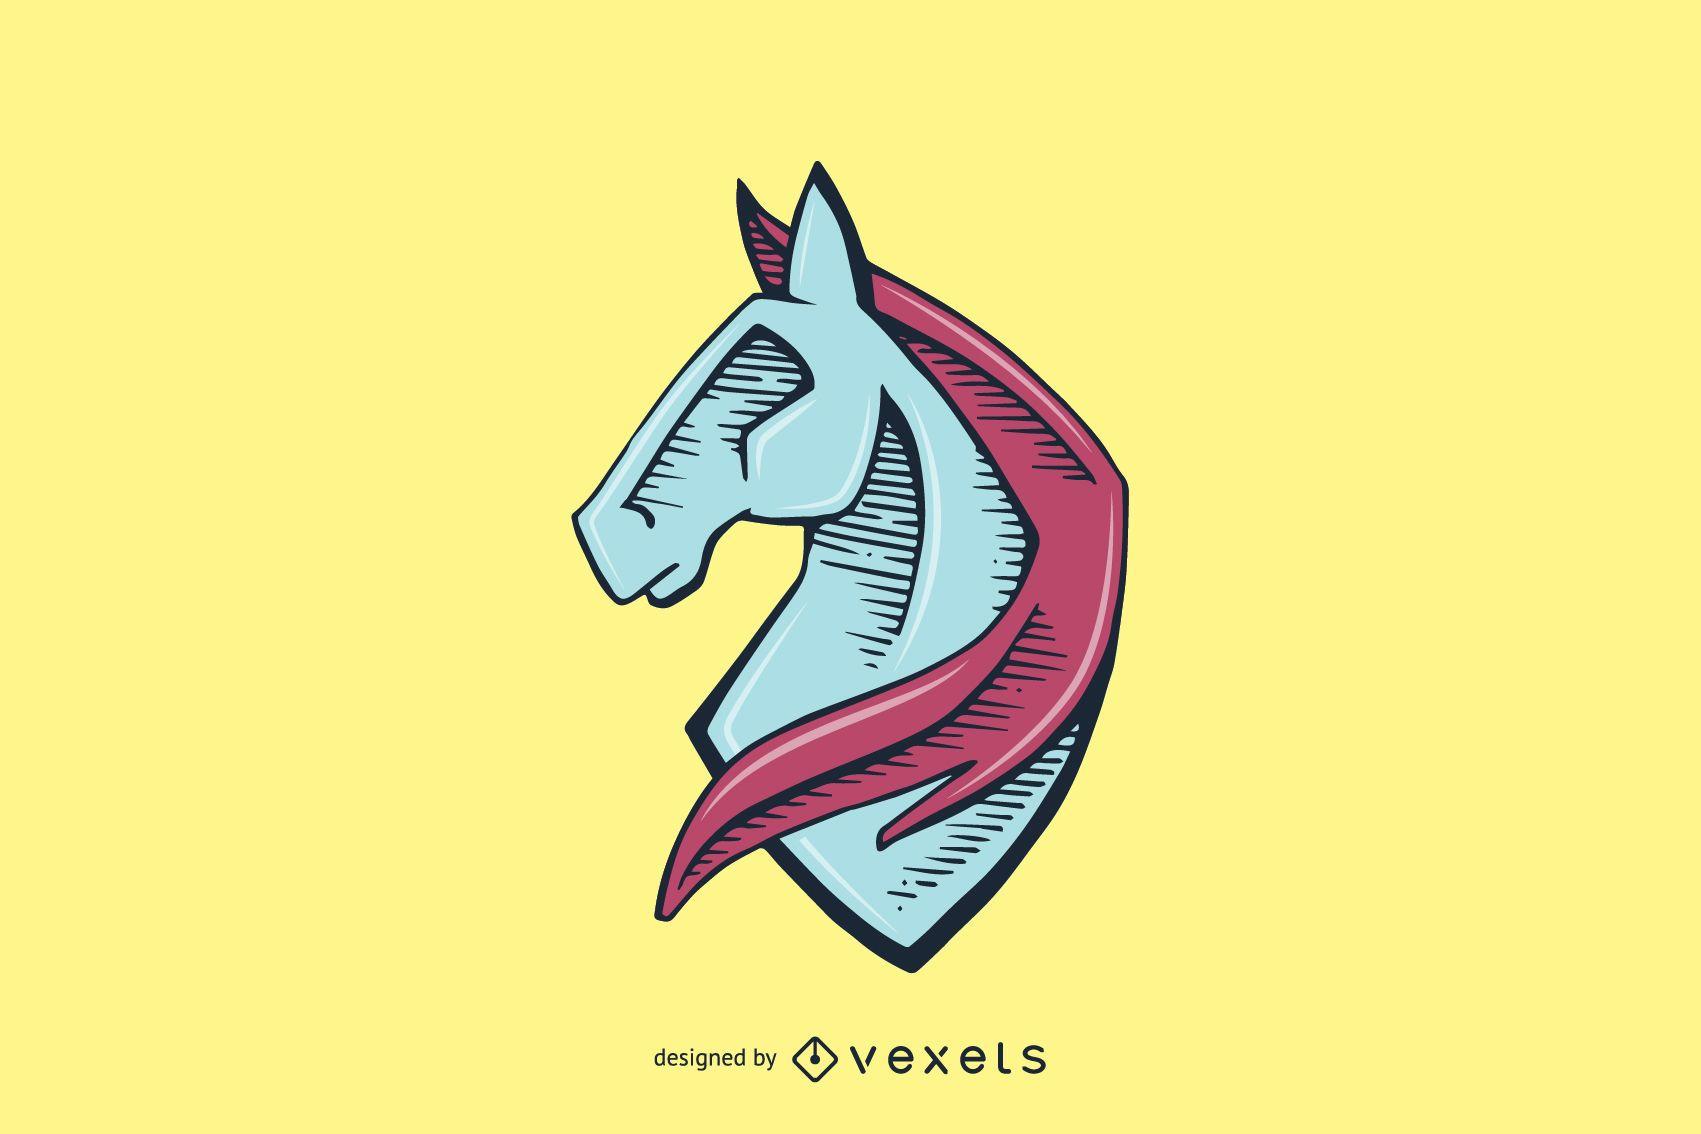 Hand-drawn horse head logo